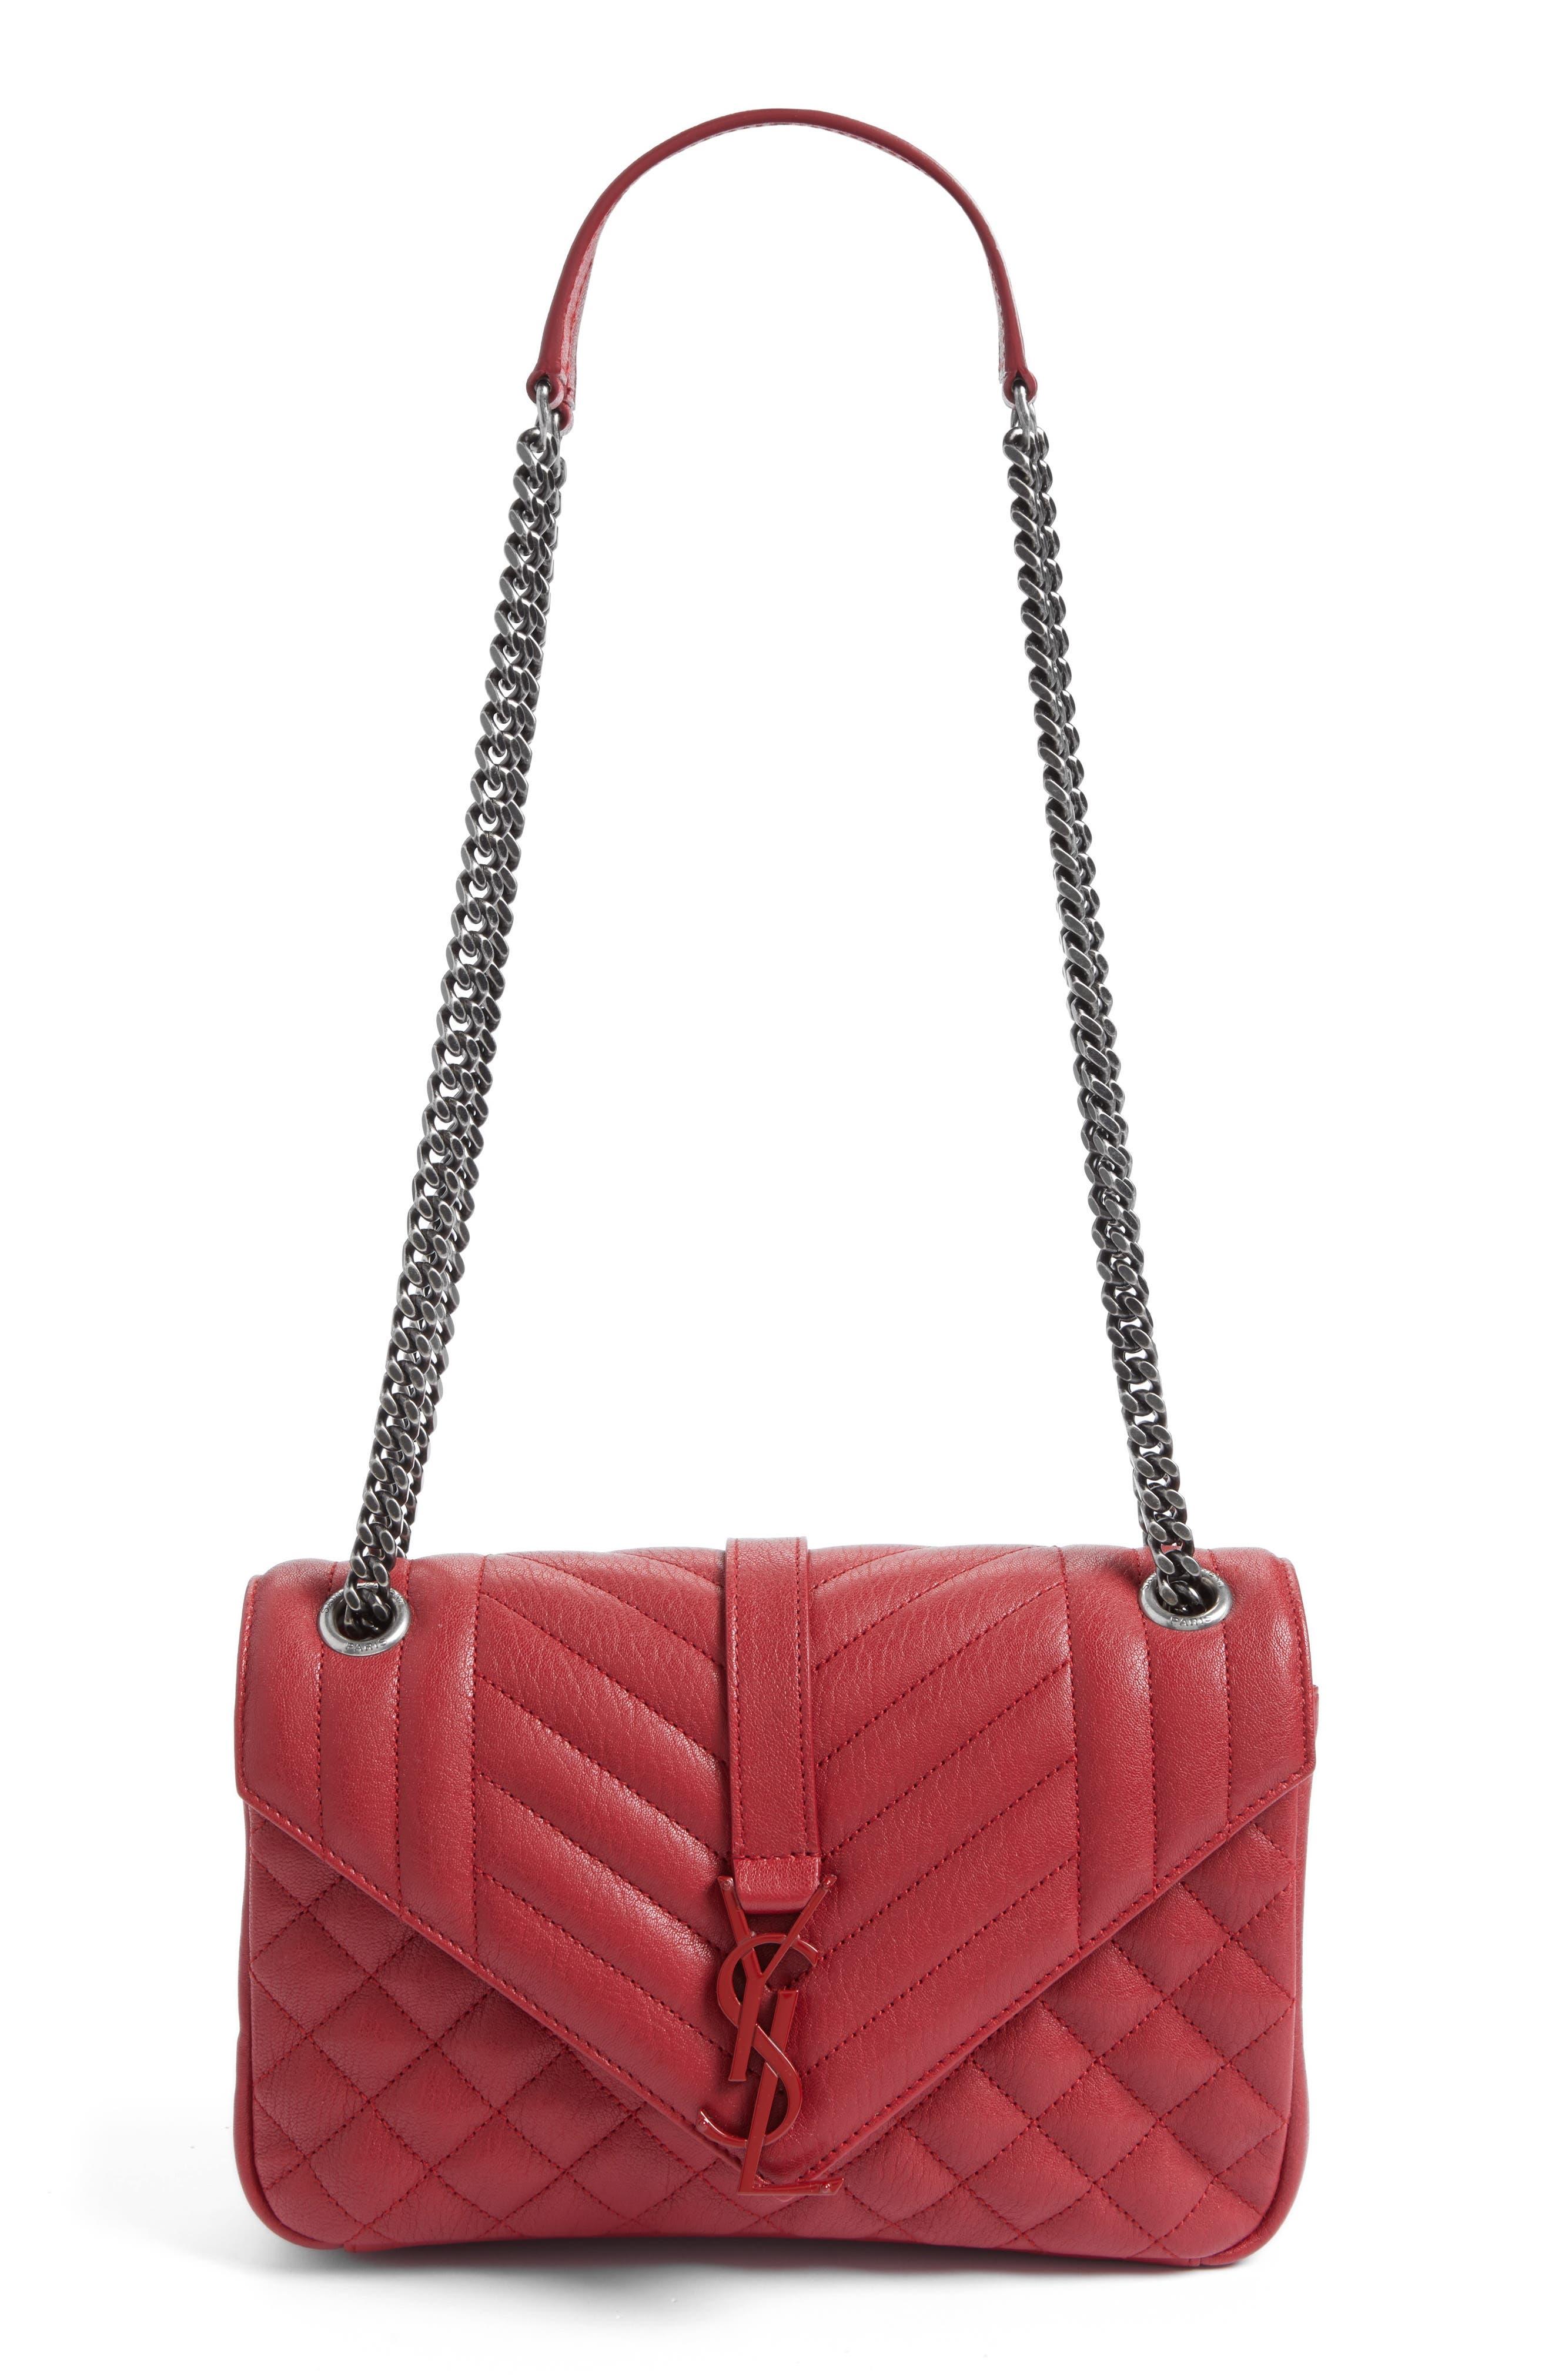 Main Image - Saint Laurent Large Monogramme Matelassé Leather Shoulder Bag